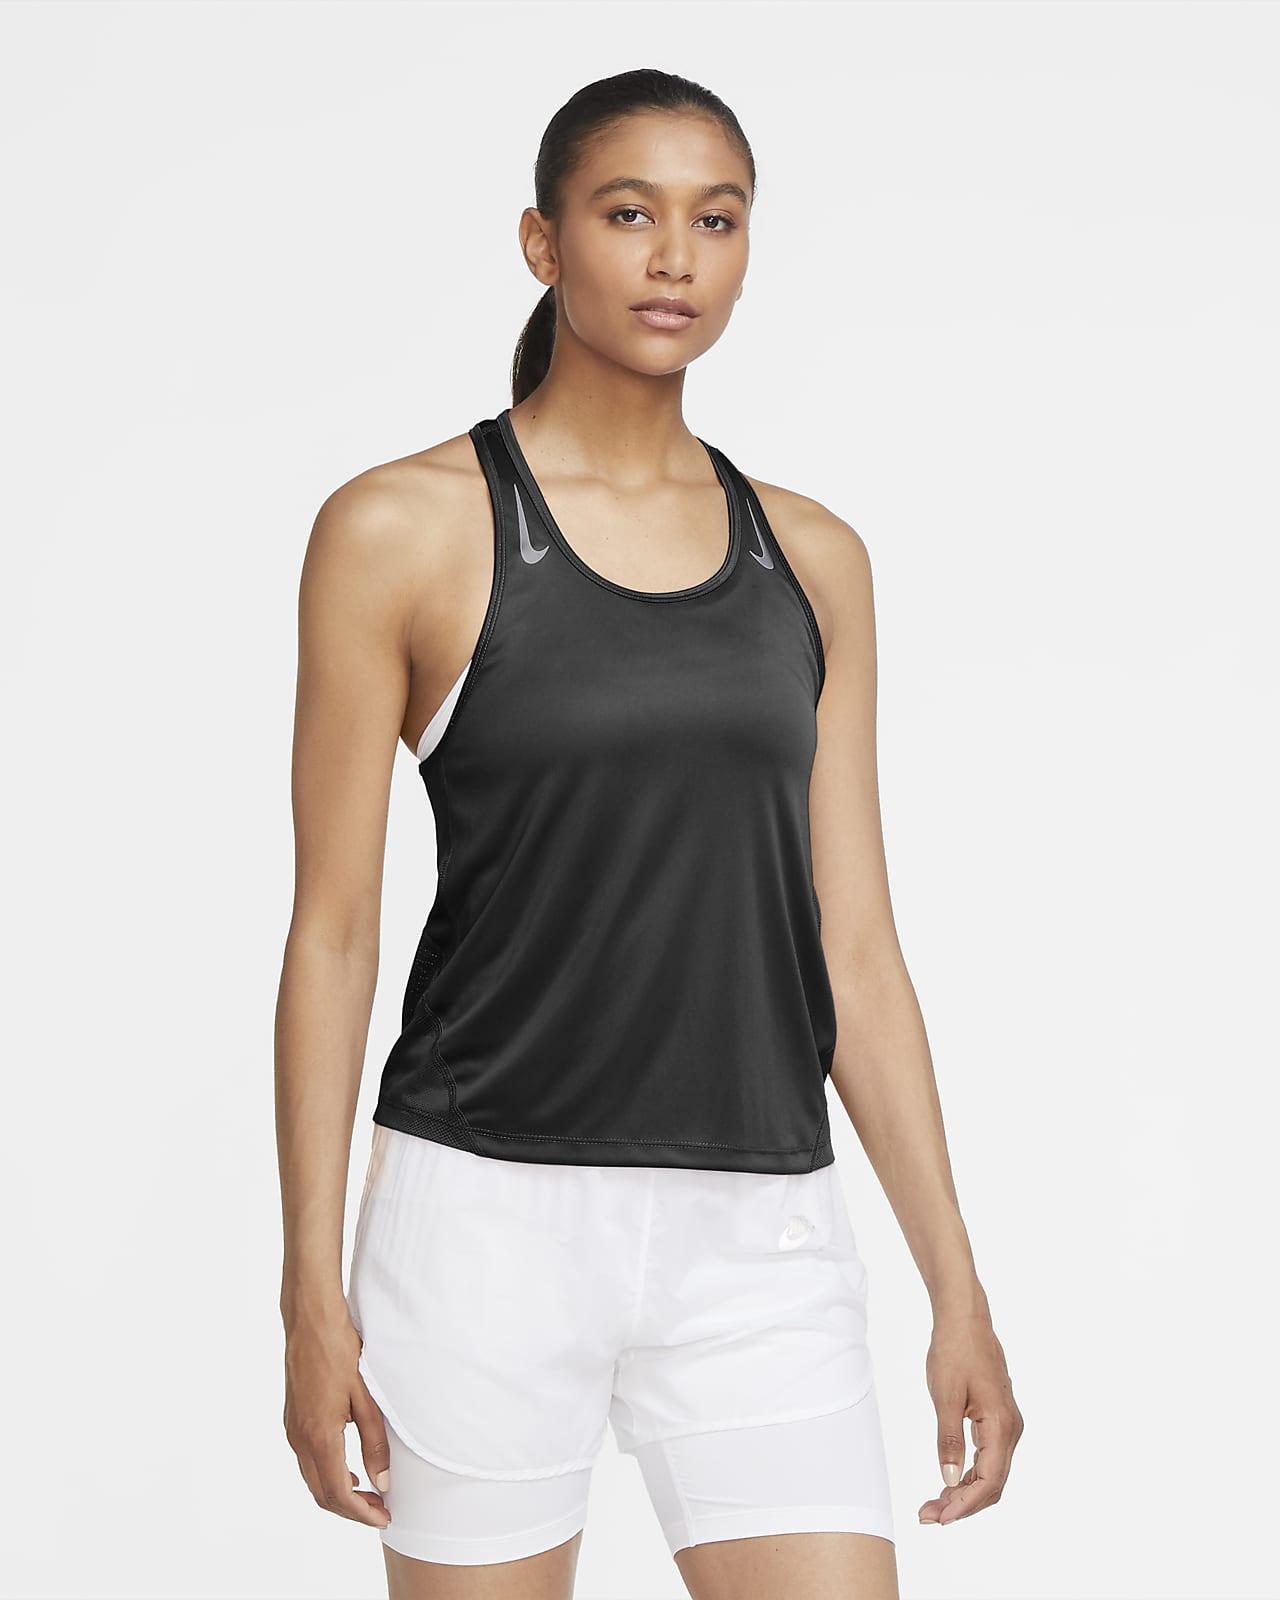 Camiseta sin mangas de running para mujer Nike Miler